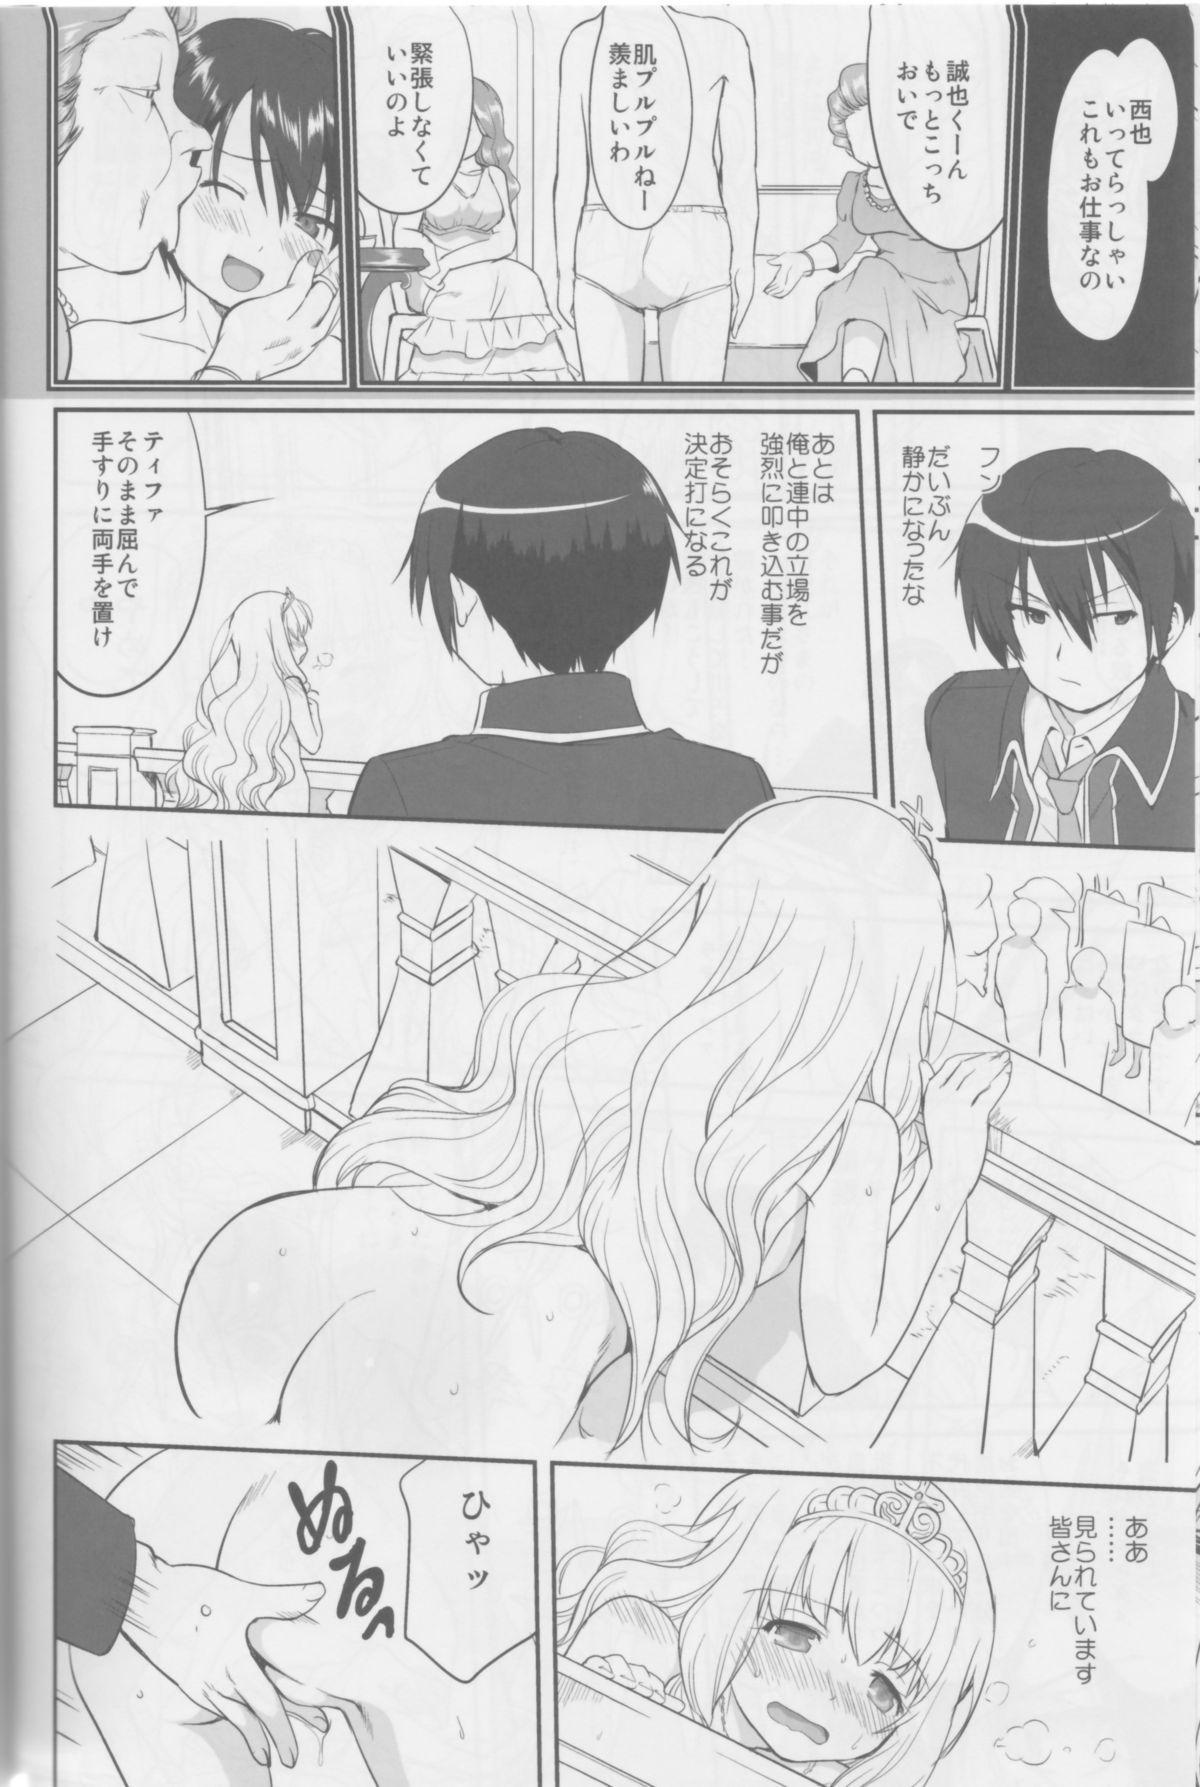 Amagi Strip Gekijou 16